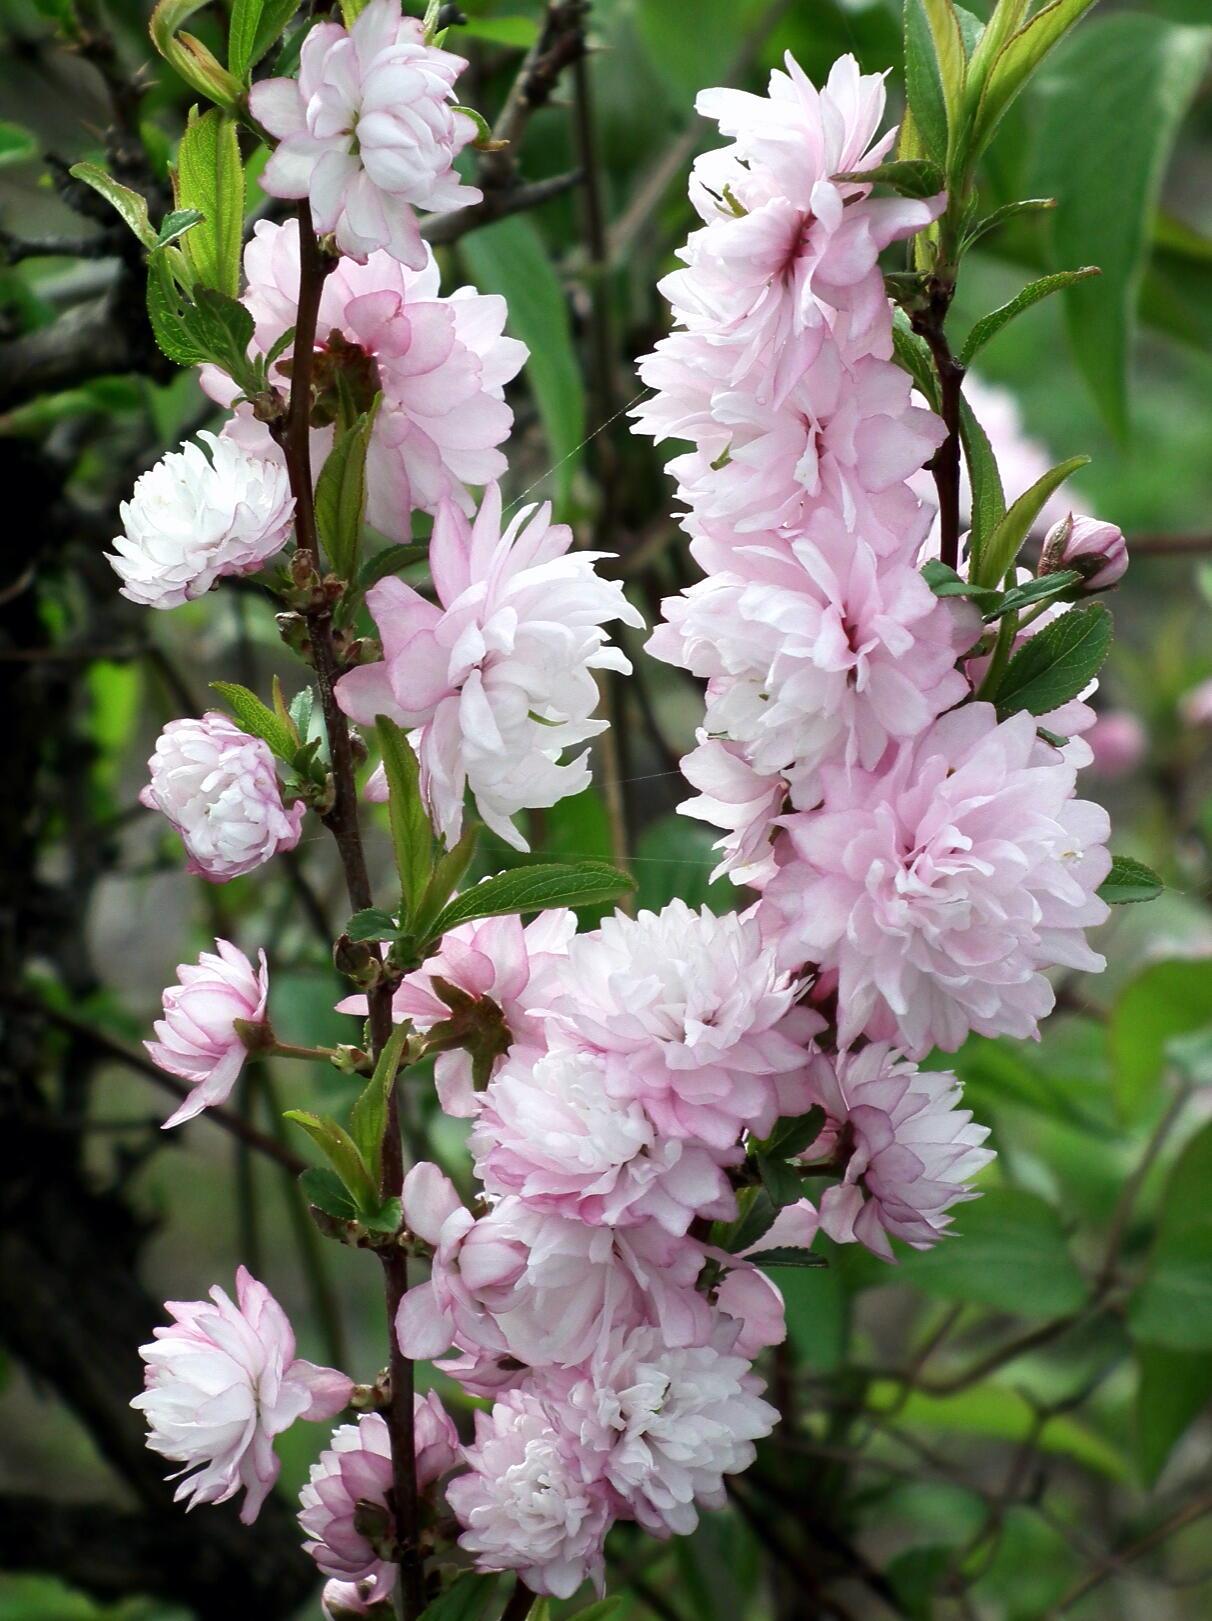 中国では麦李…日本では庭桜_e0064158_23524415.jpg